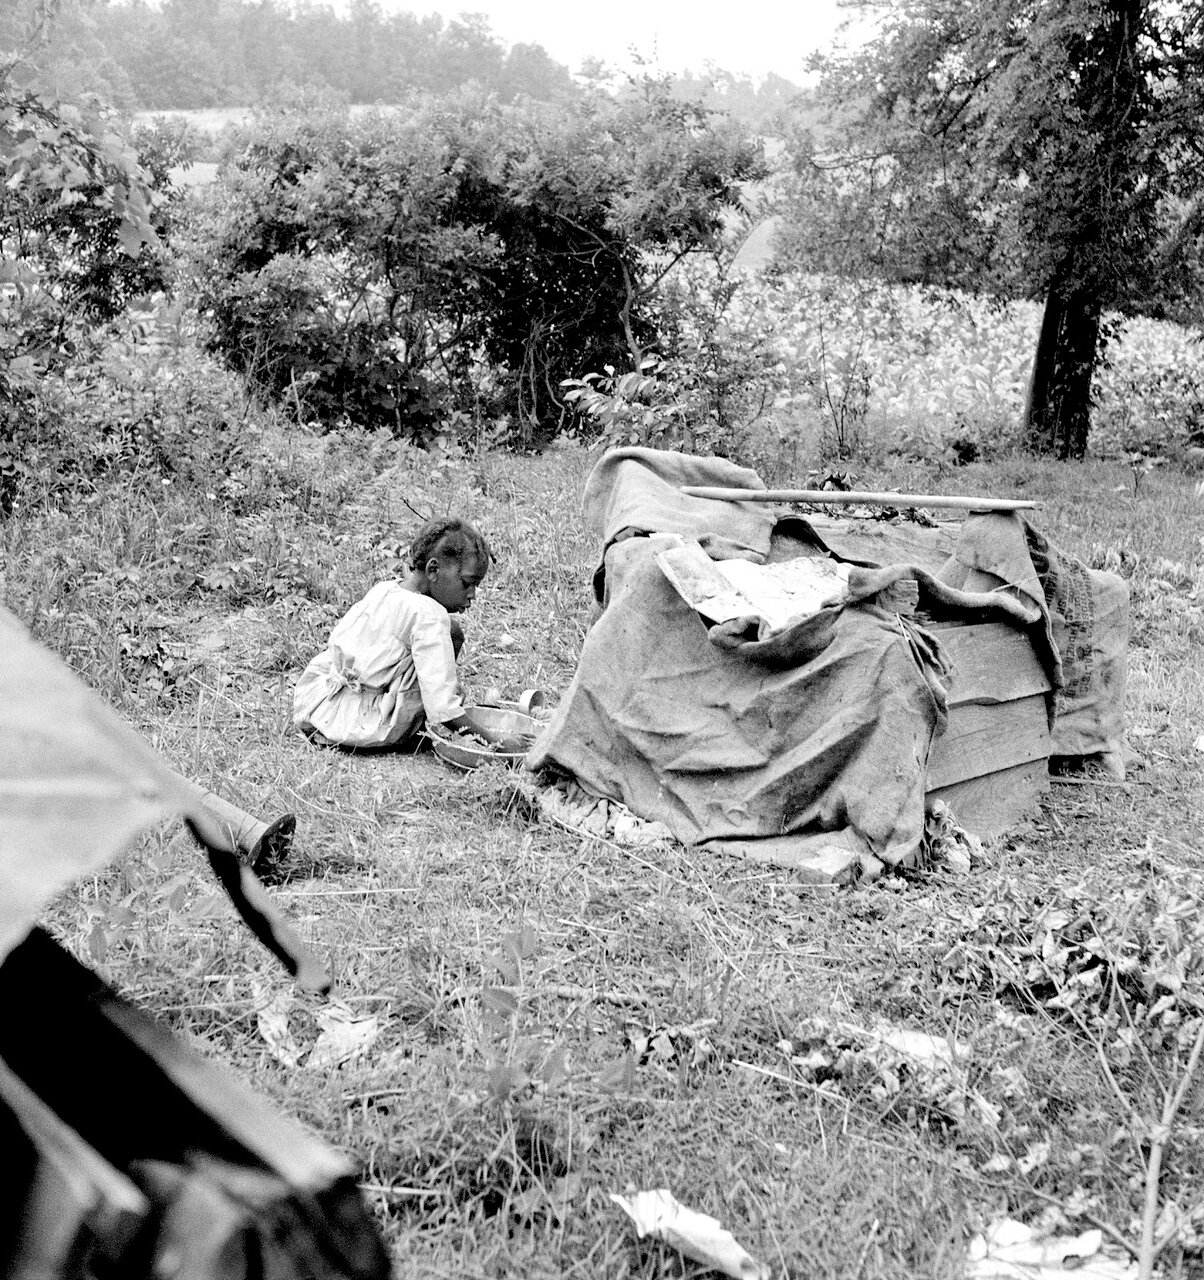 Играют дети сборщиков табака. Округ Персон, Северная Каролина, 1939